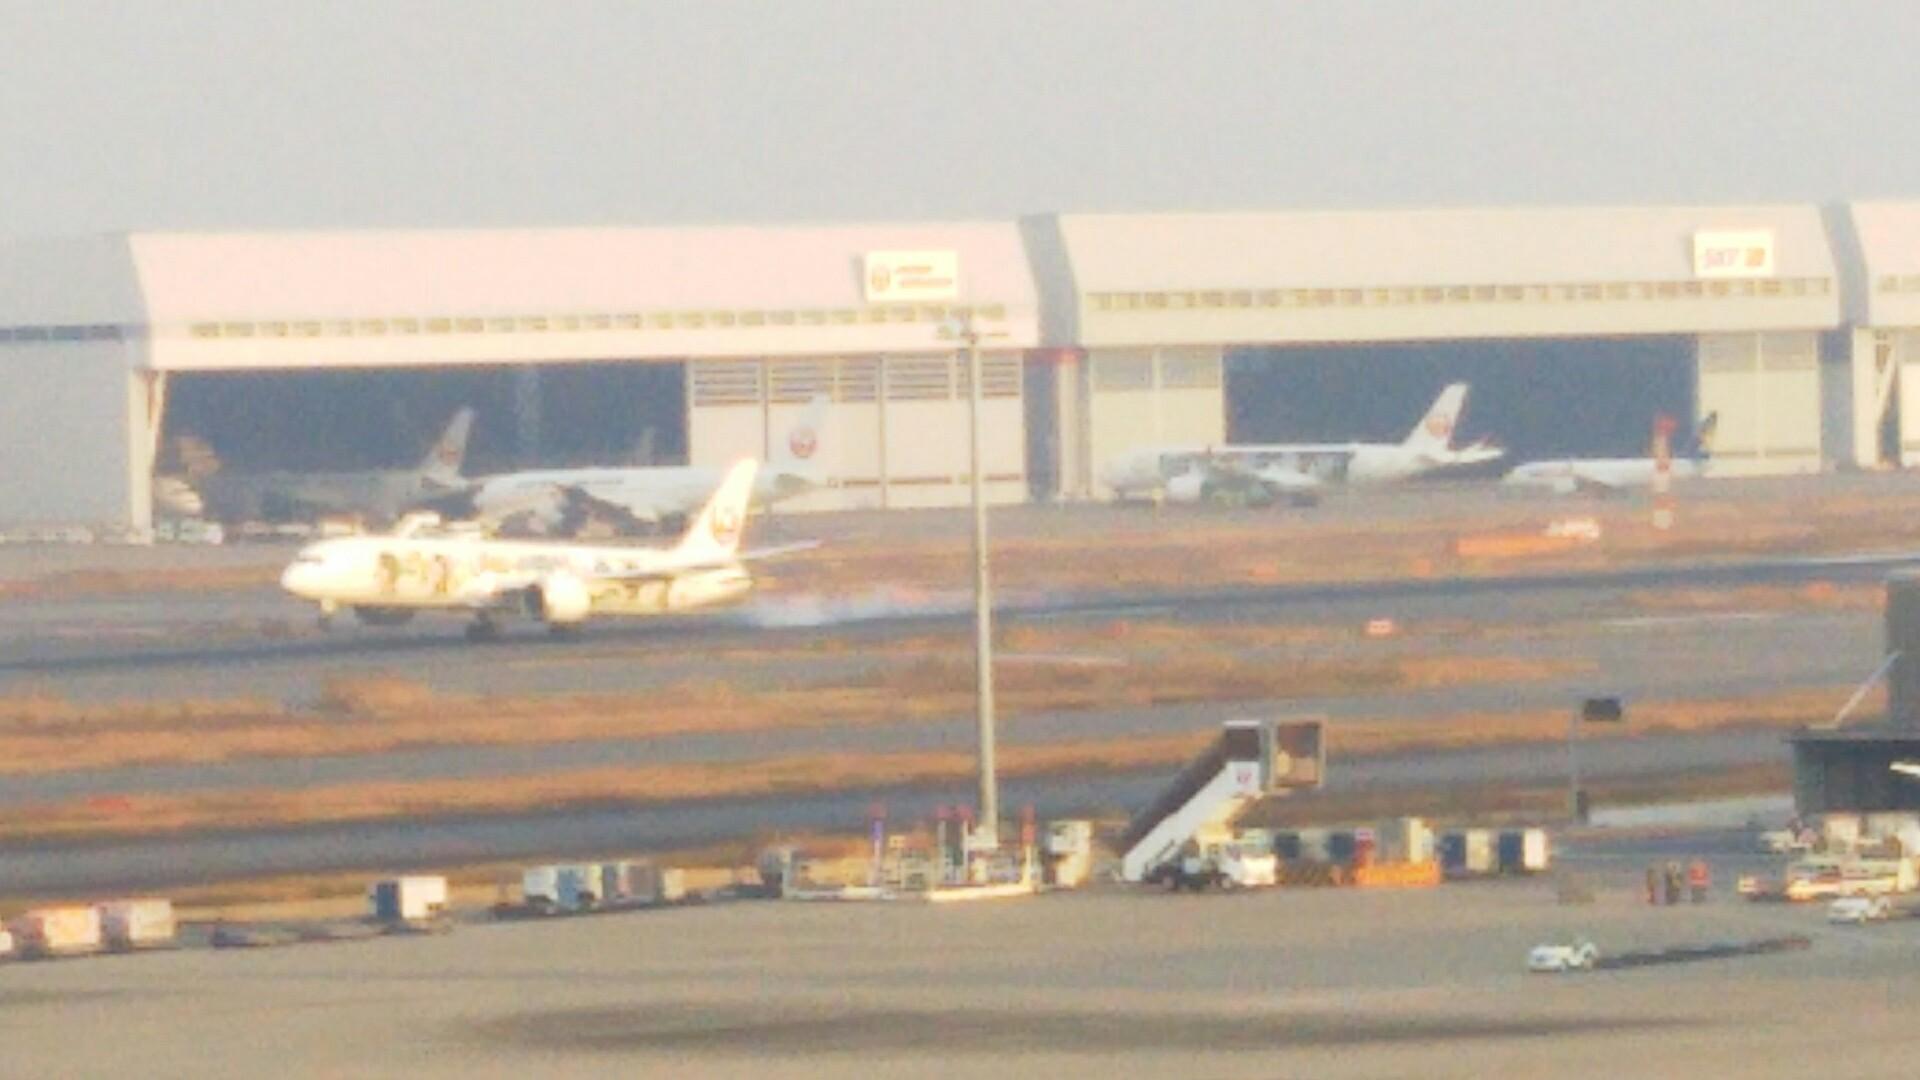 f:id:A350-900:20210109215456j:image